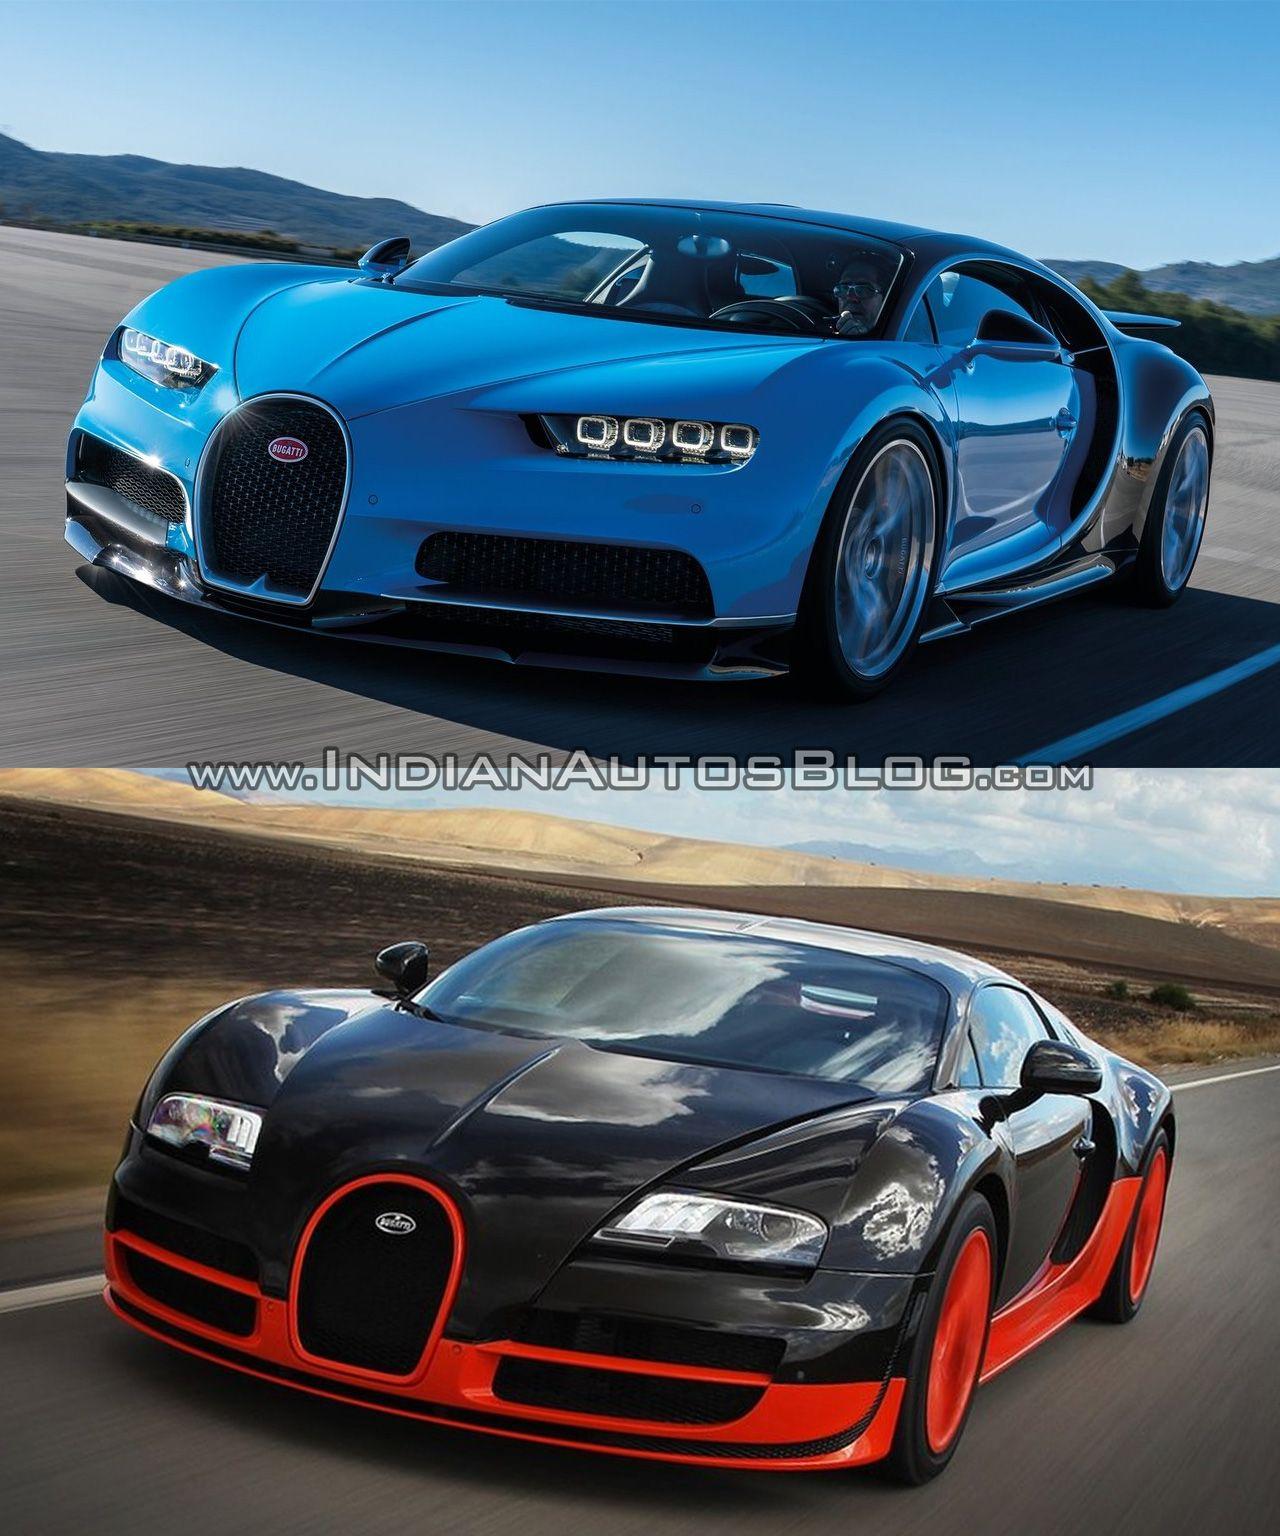 Bugatti Veyron Vs Bugatti Chiron In Images Bugatti Chiron